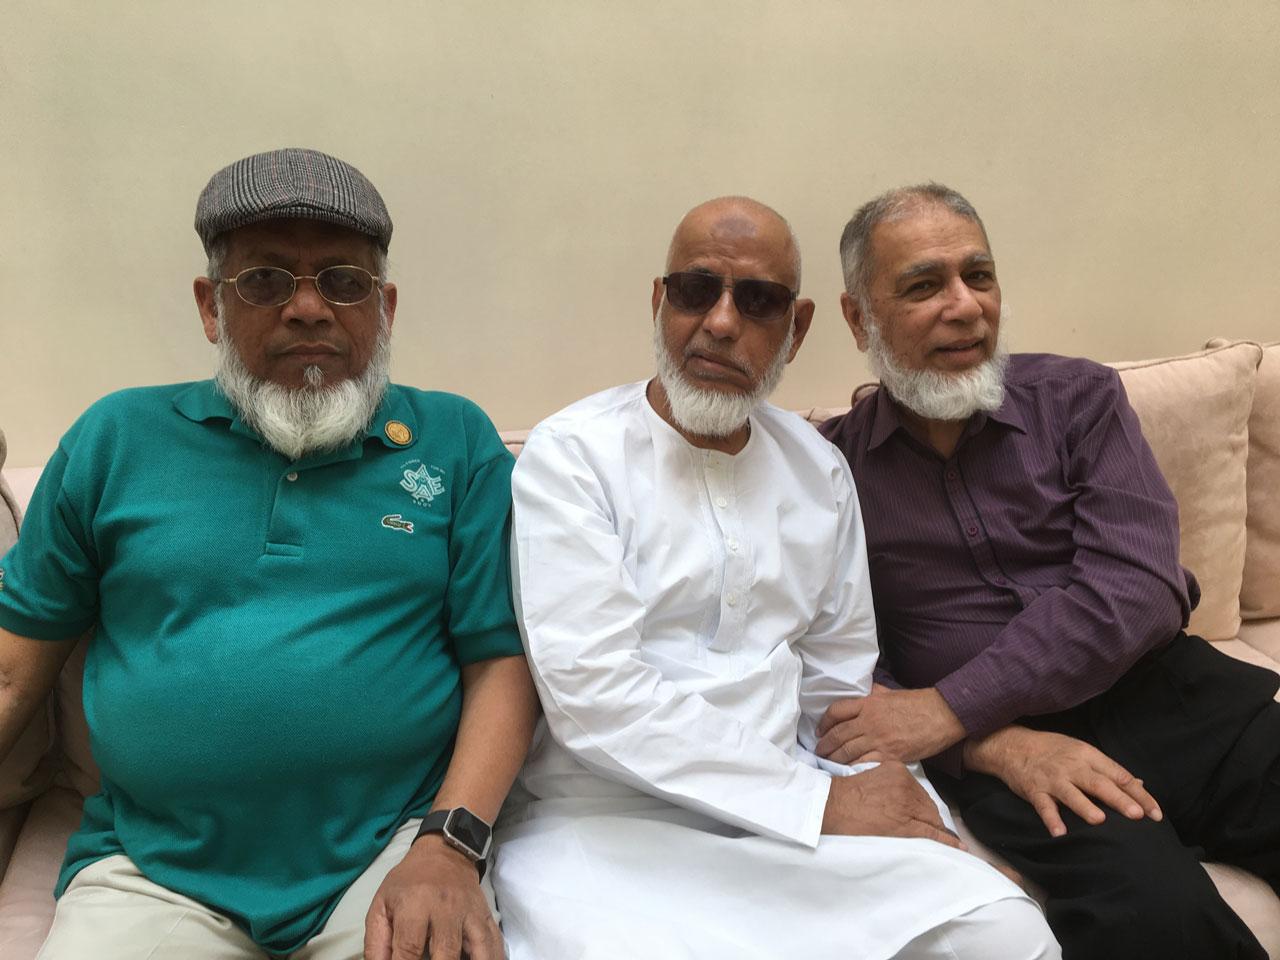 Engr. Iqbal Ahmed Khan, Engr. Iqbal Hameed Kanpuri, Engr. Khalid Iqbal